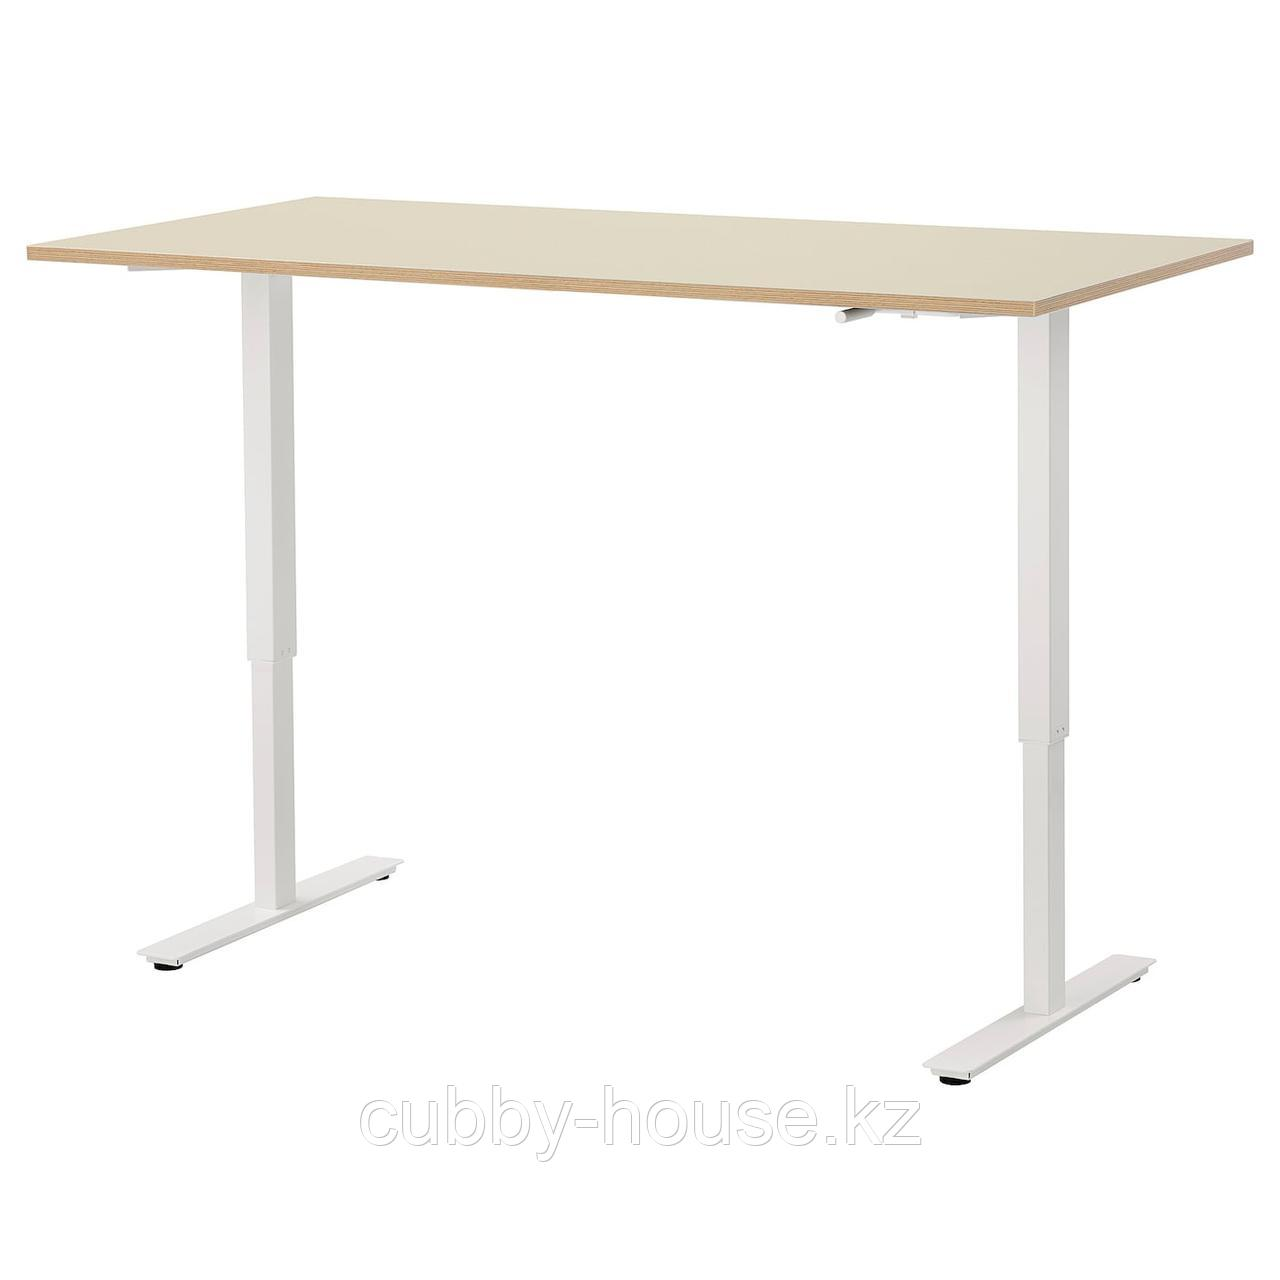 СКАРСТА Стол/трансф, бежевый, белый, 160x80 см